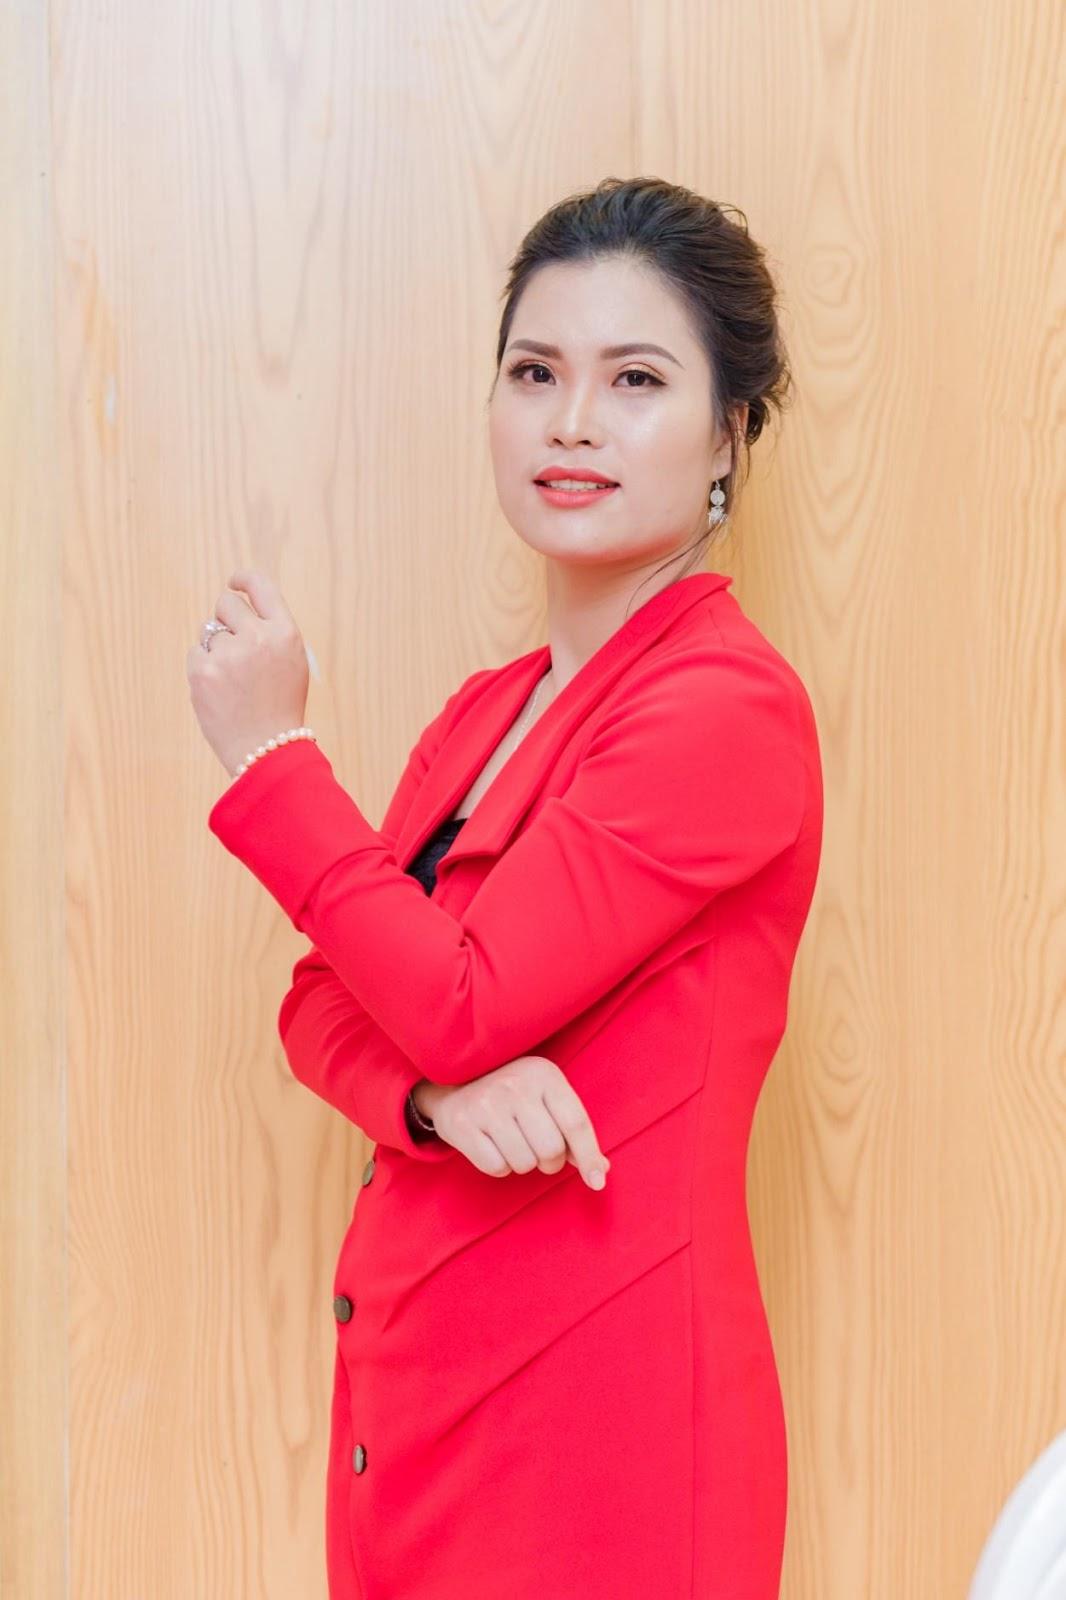 Chân dung cô giáo Nguyễn Bình - Người tâm huyết với ngành giáo dục đào tạo làm đẹp tại Việt Nam - Ảnh 1